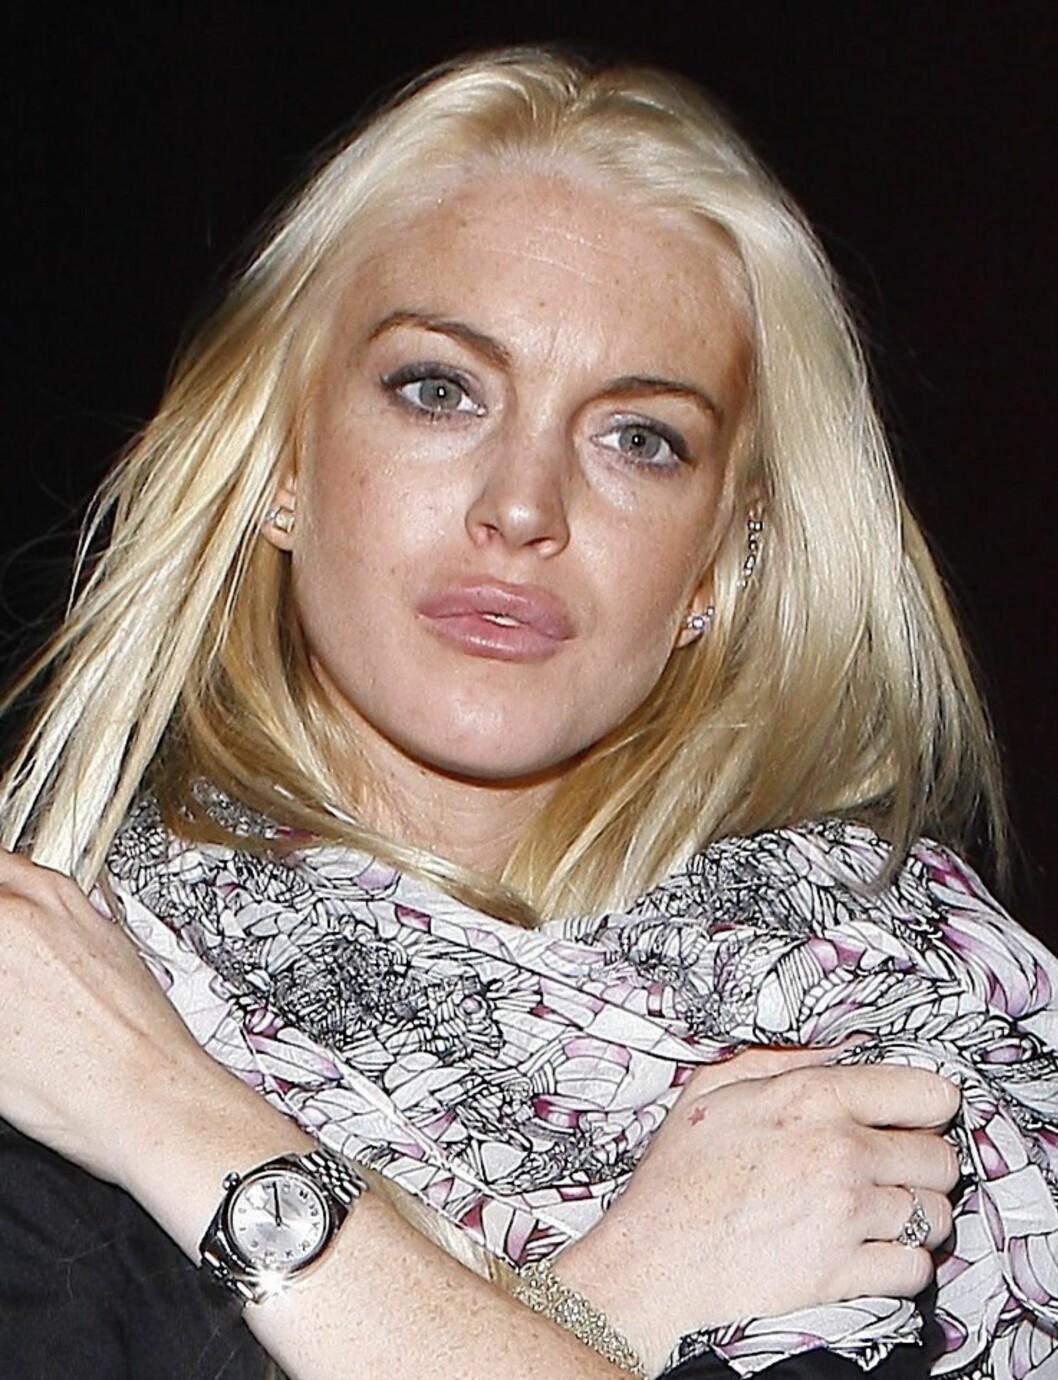 Skuespiller Lindsay Lohans nye kjøpelepper har fått mye oppmerksomhet i media. Før operasjonen var leppene betraktelig smalere.  Foto: All Over Press